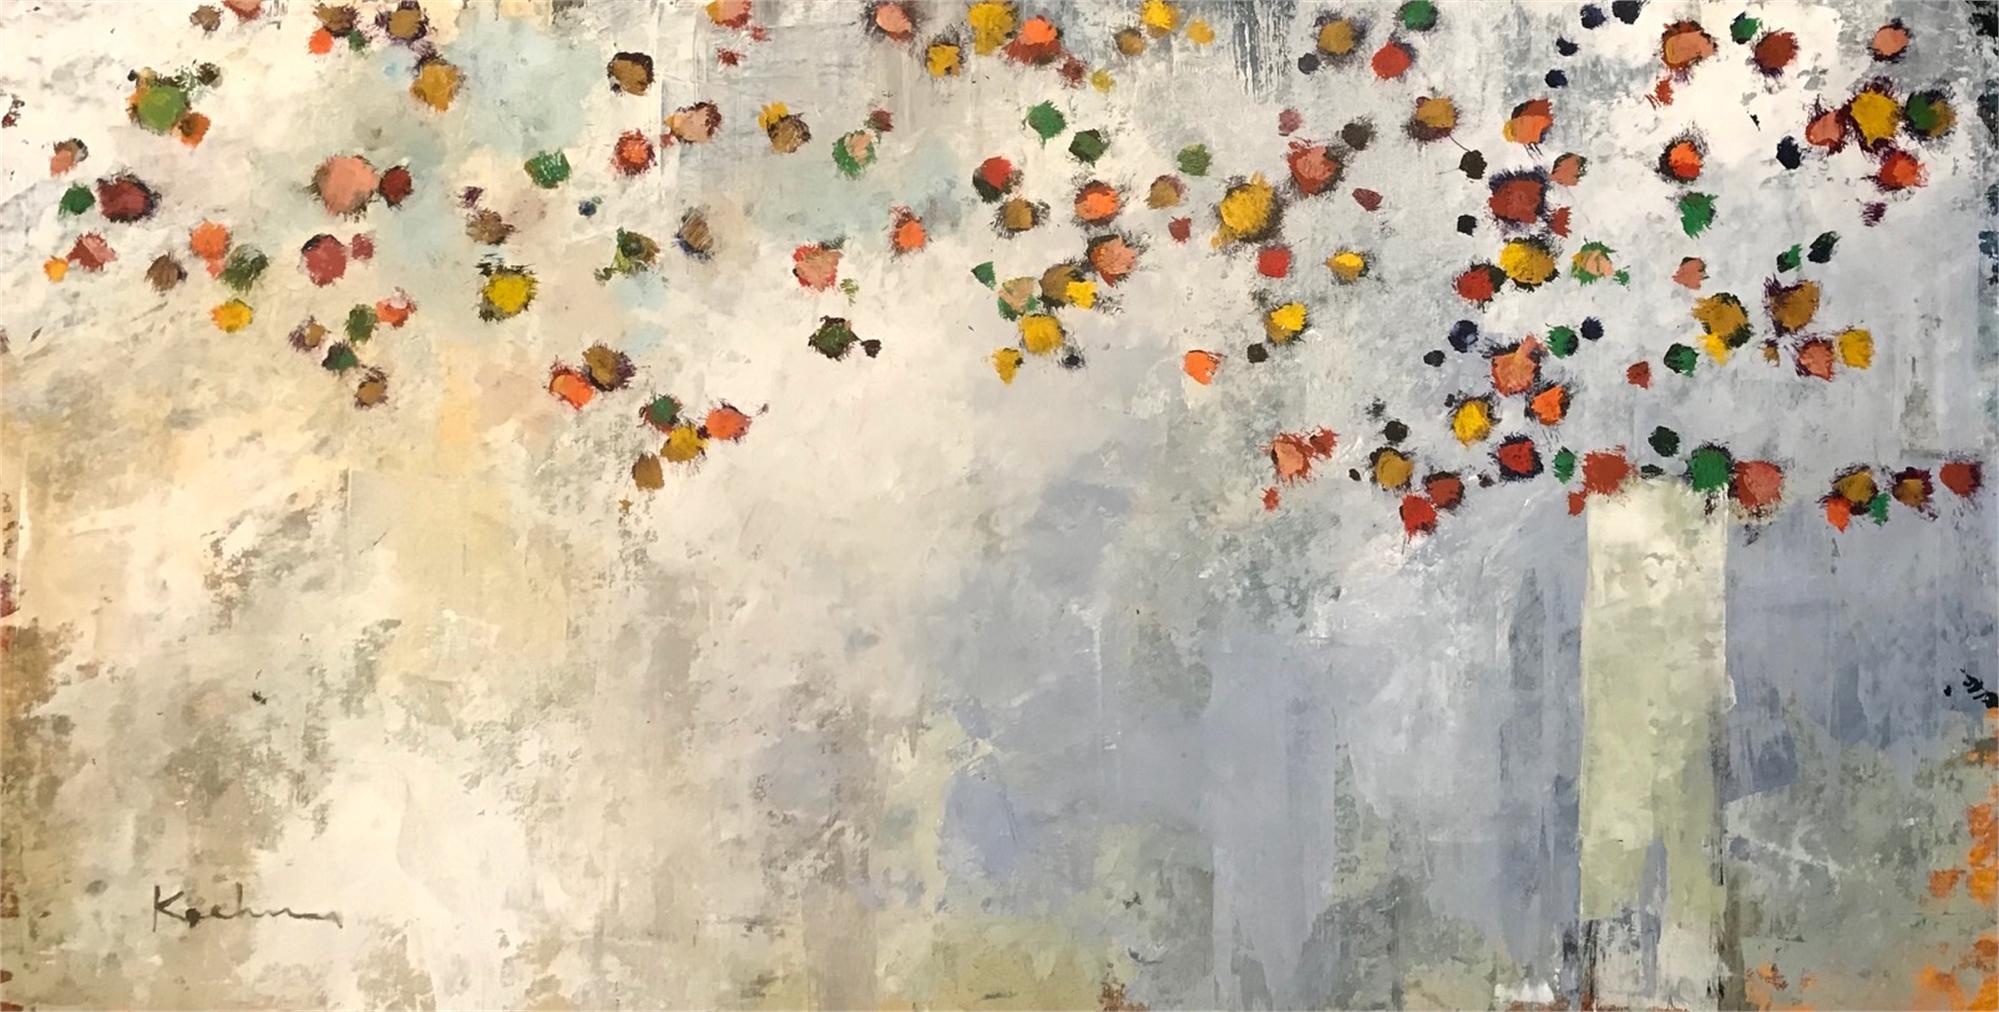 Ethereal Beauty by Jeff Koehn